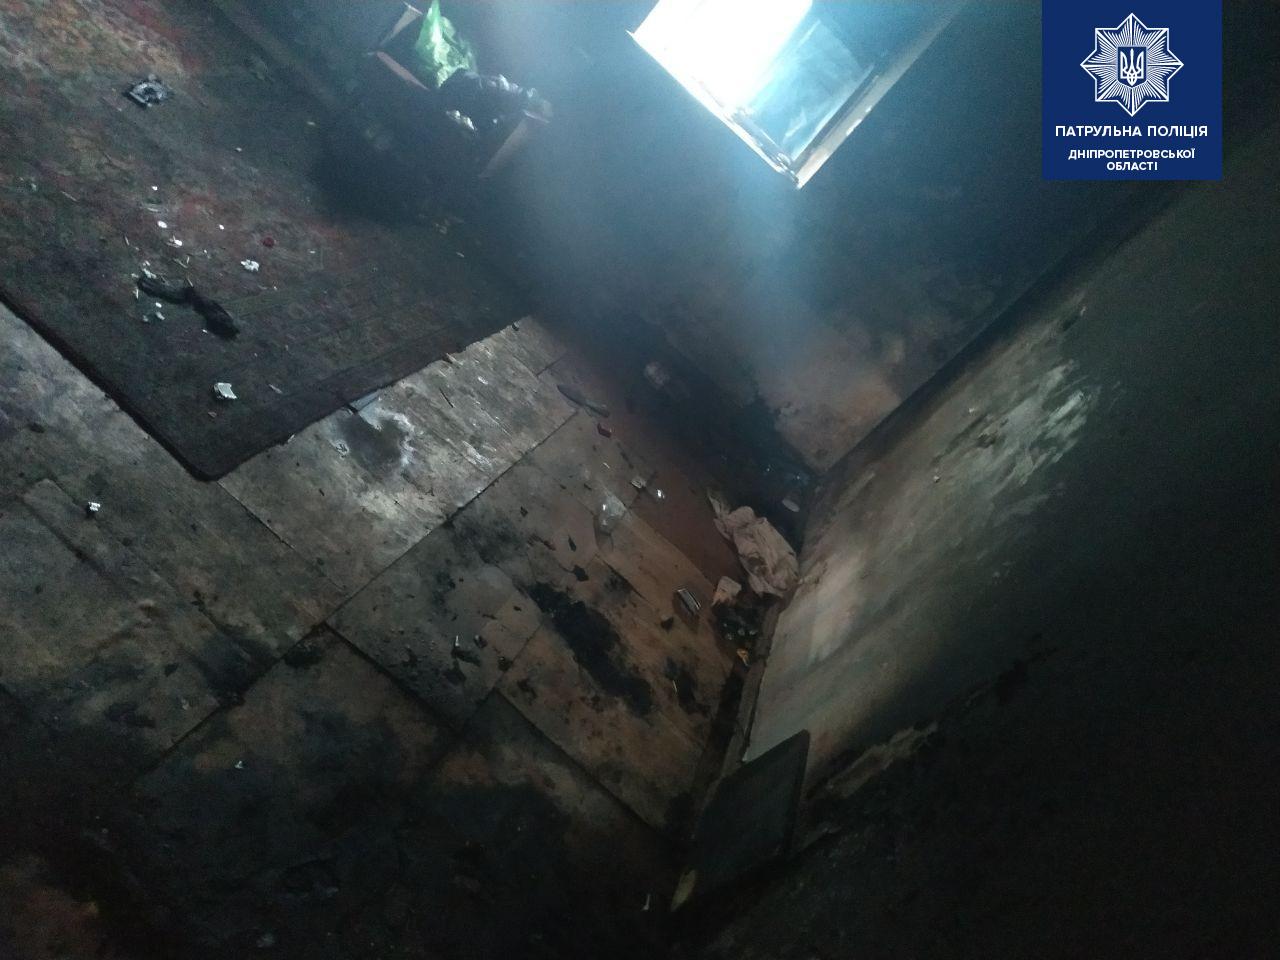 Дом без окон и отопления: в Днепре 5-летний ребенок жил в жутких условиях. Новости Днепра